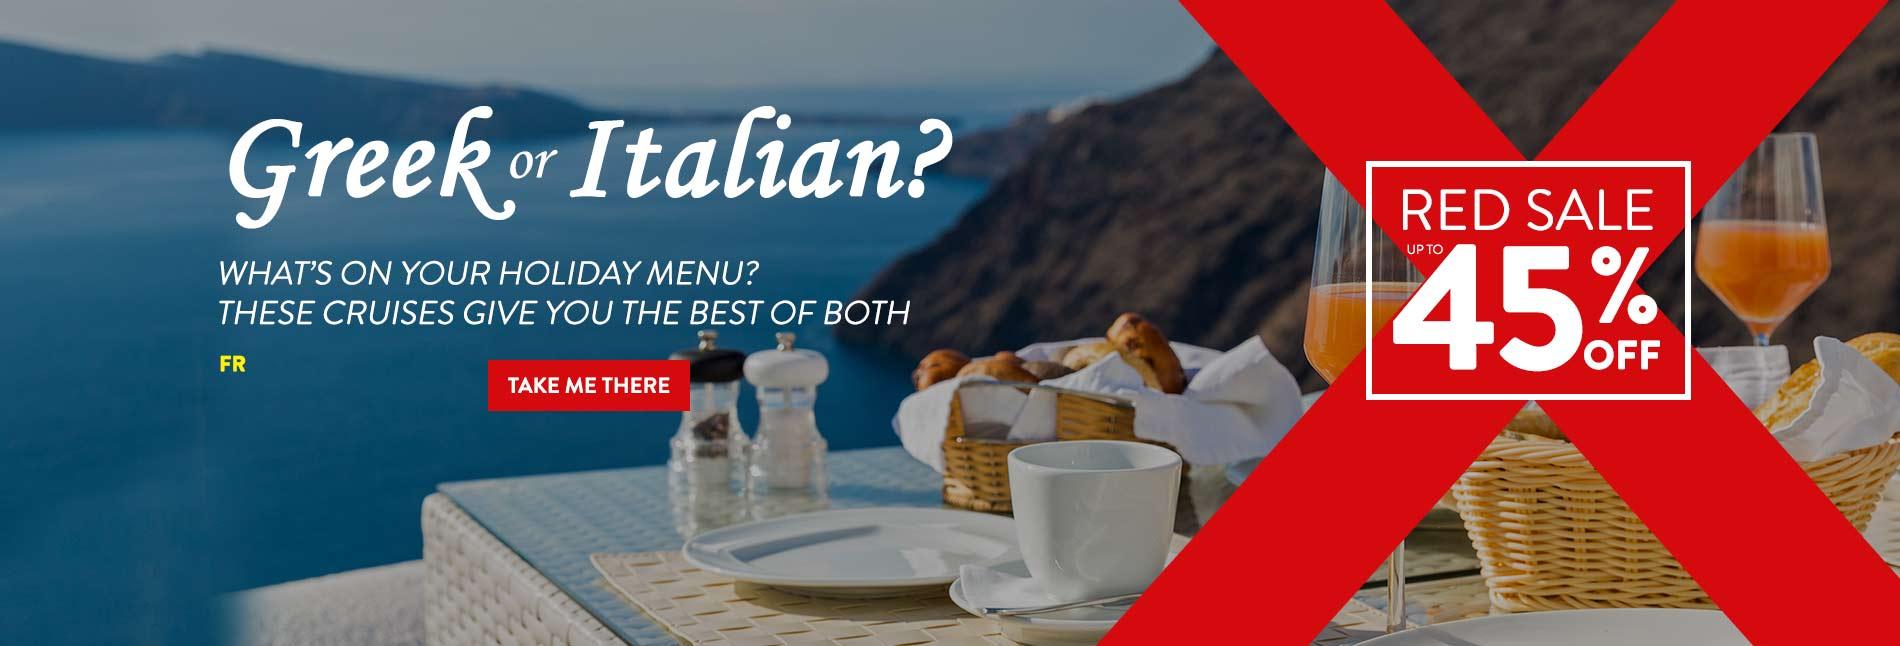 Greece & Italy Cruise Deals